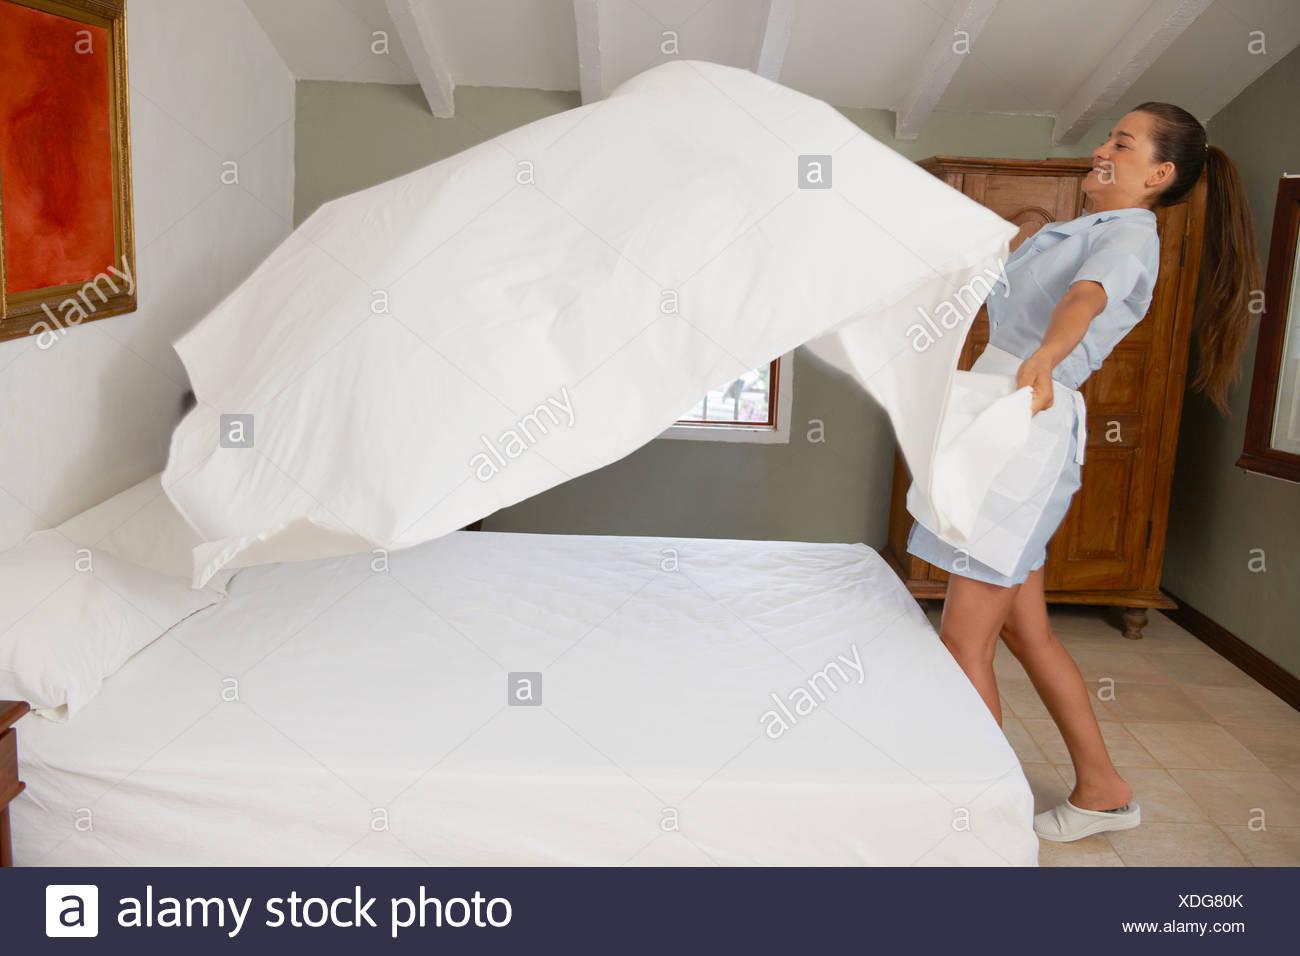 Hotel maid mettendo foglio gettando sul letto Immagini Stock